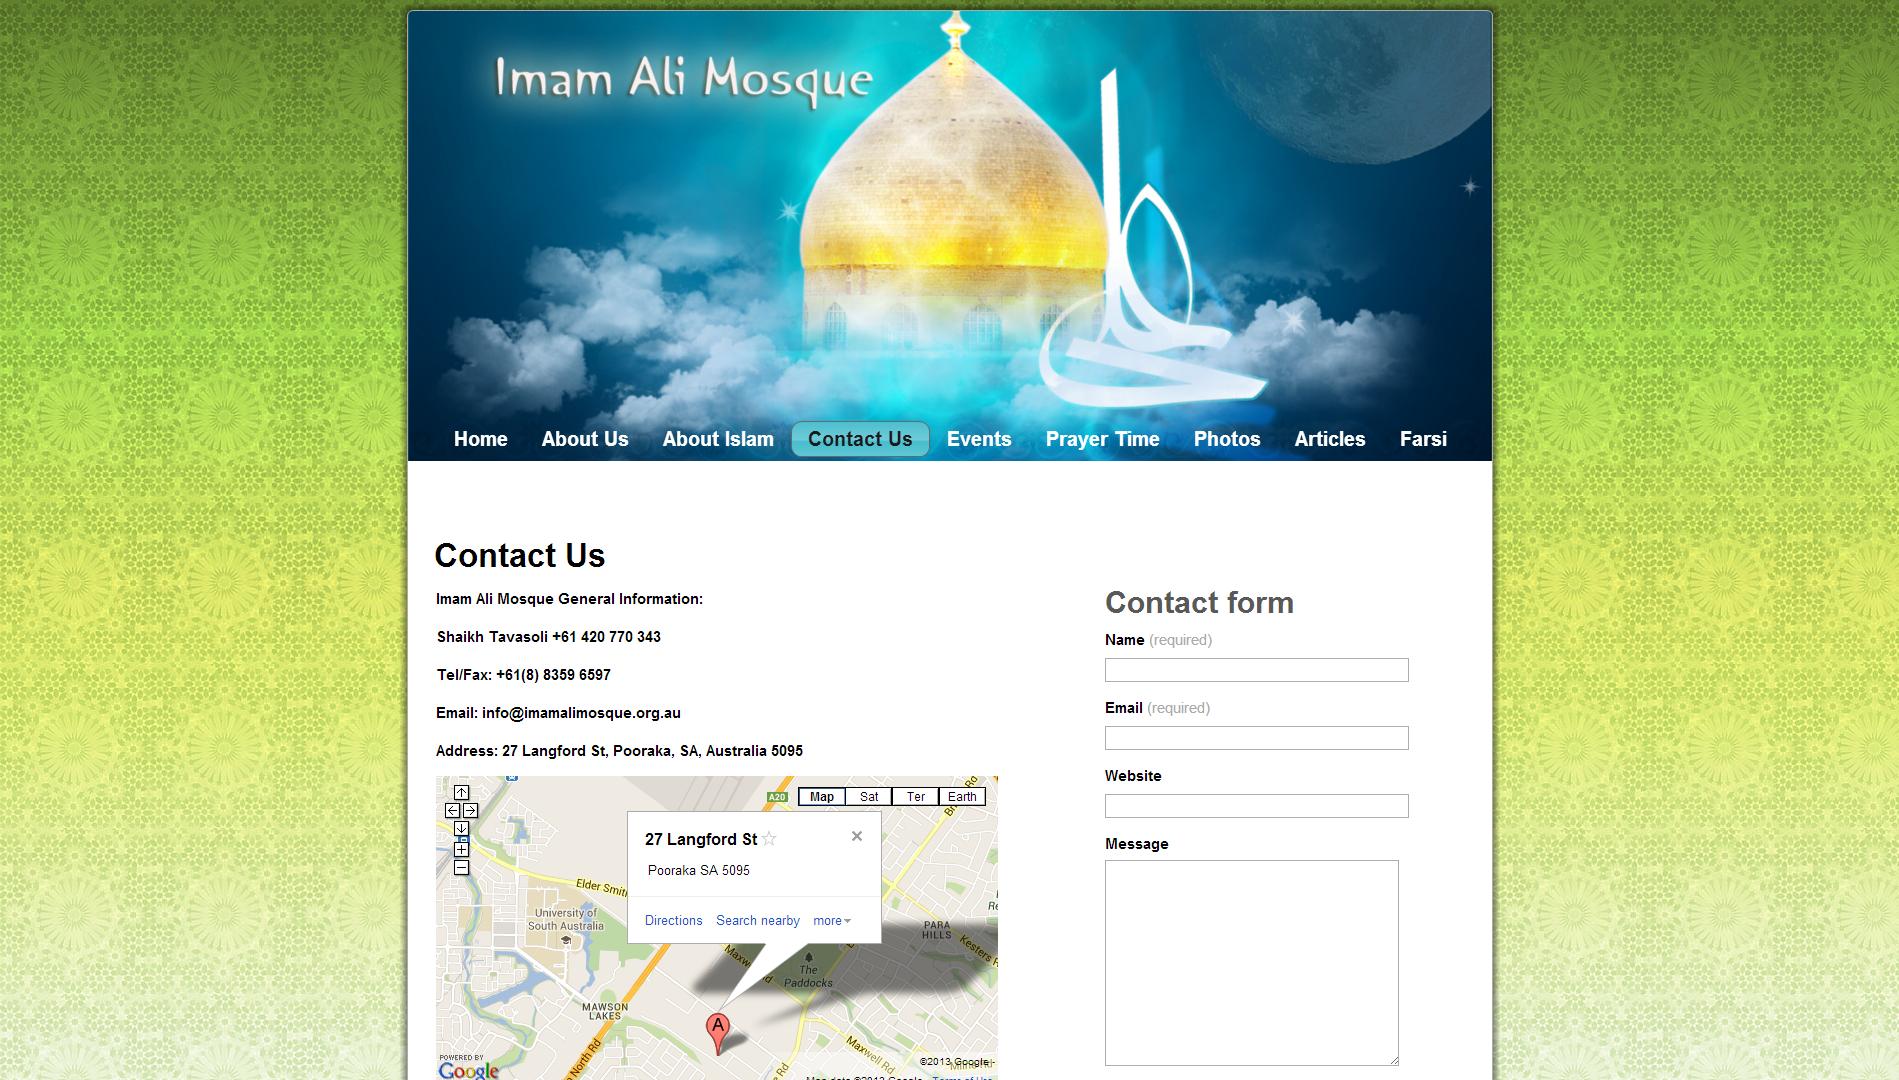 Website of Imam Ali Mosque